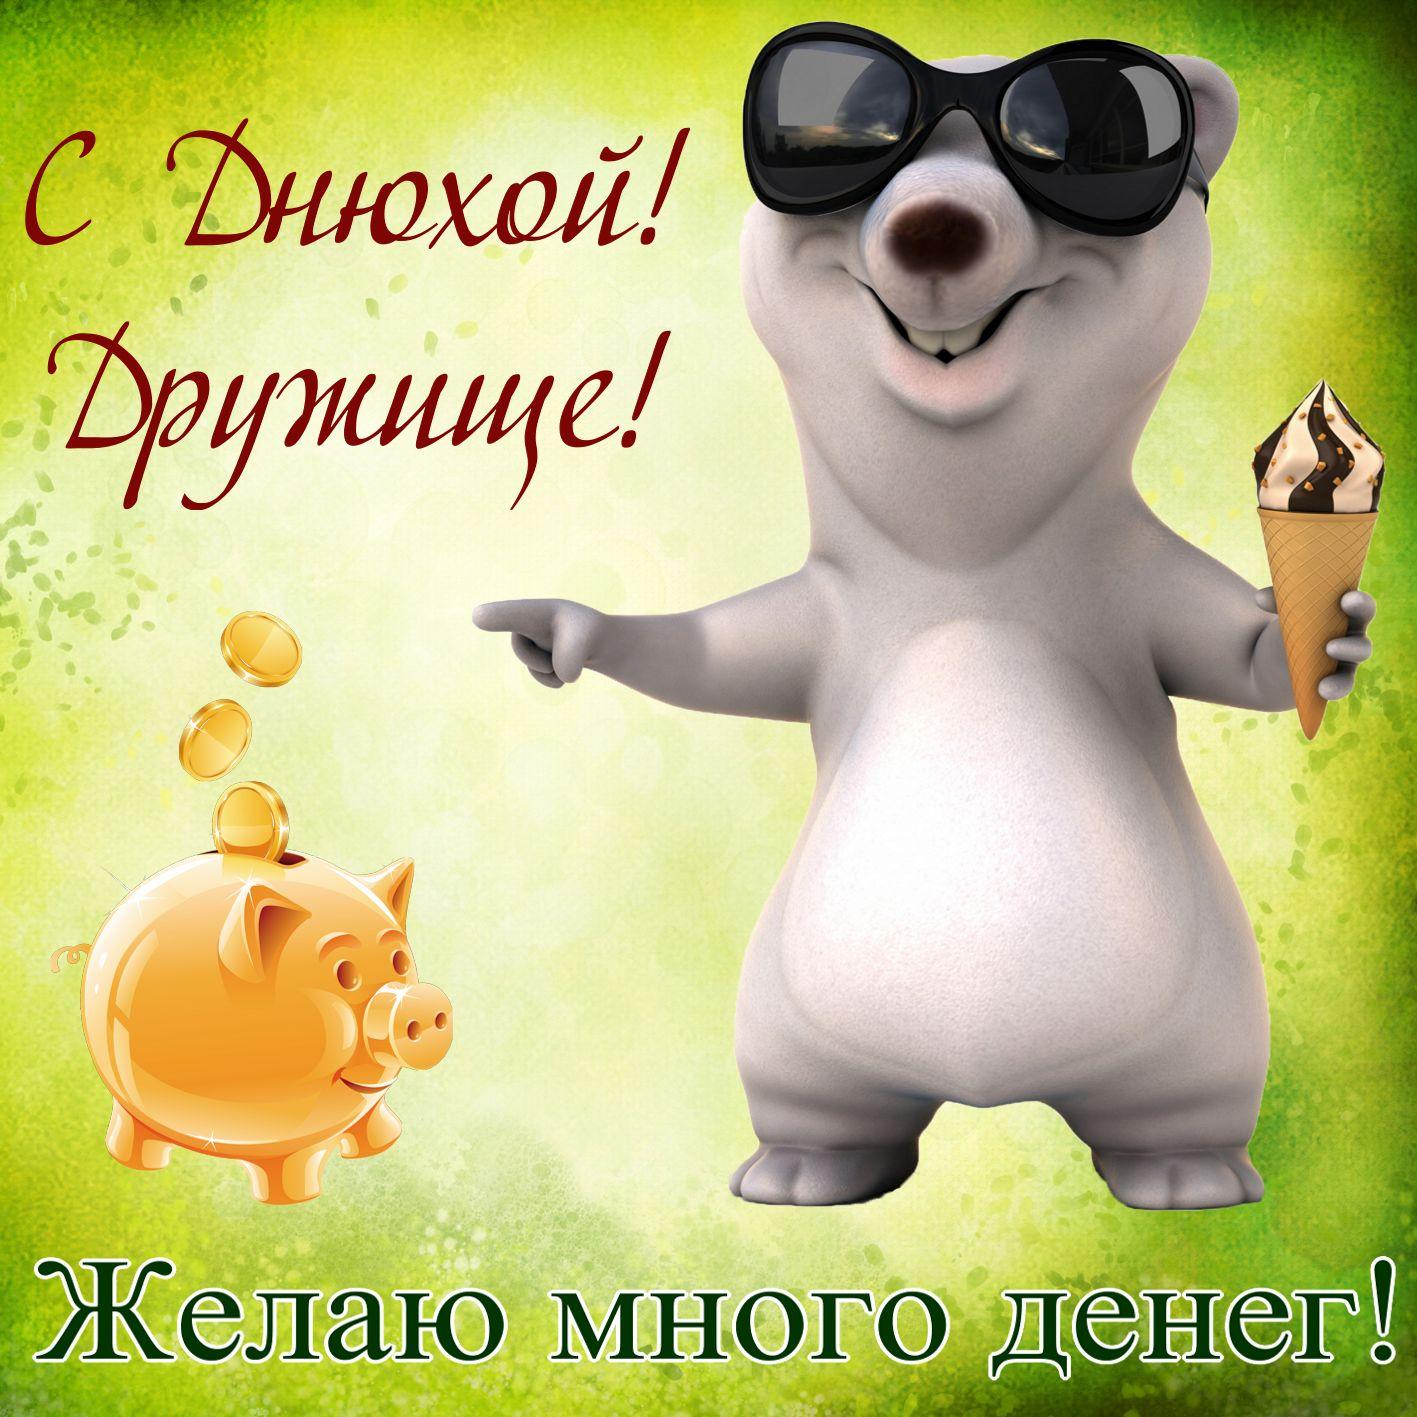 Открытка другу на День рождения - мультяшный мишка и свинья-копилка